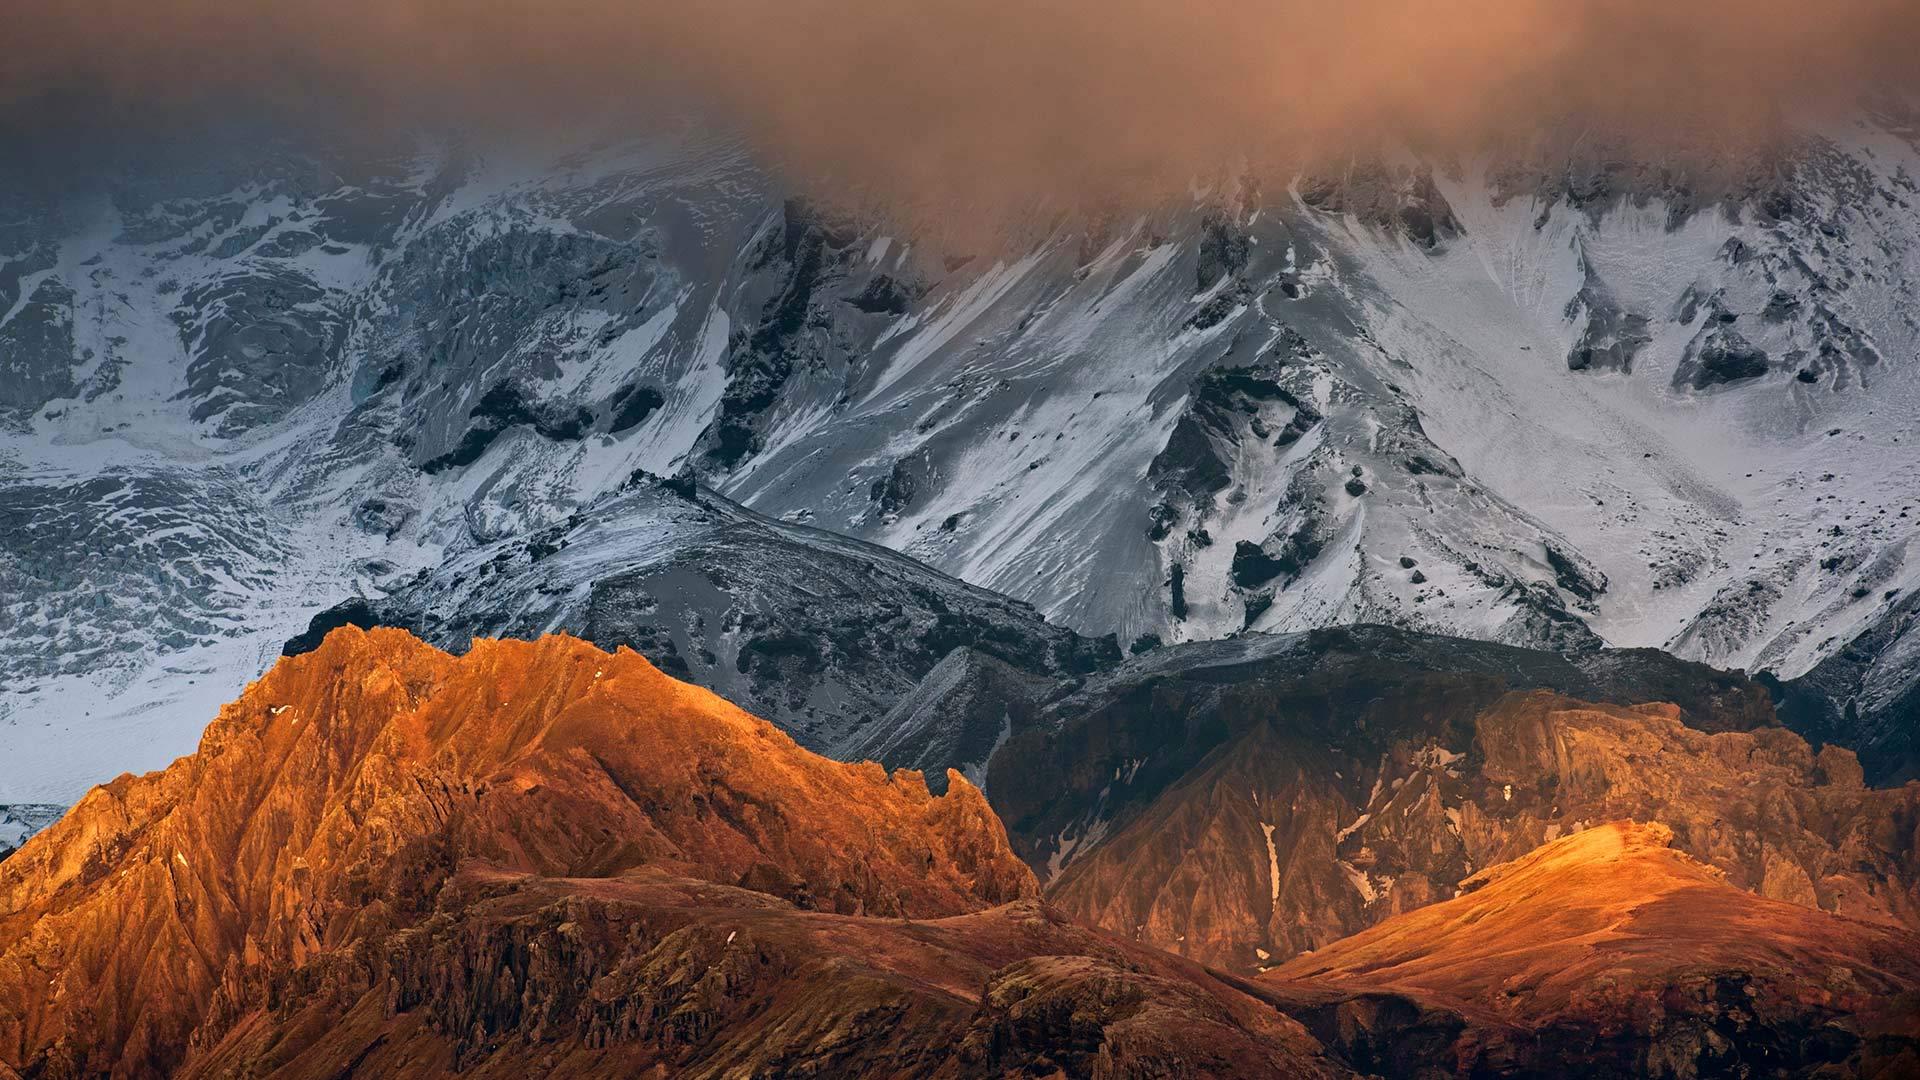 阳光照耀下的火山岩山脊